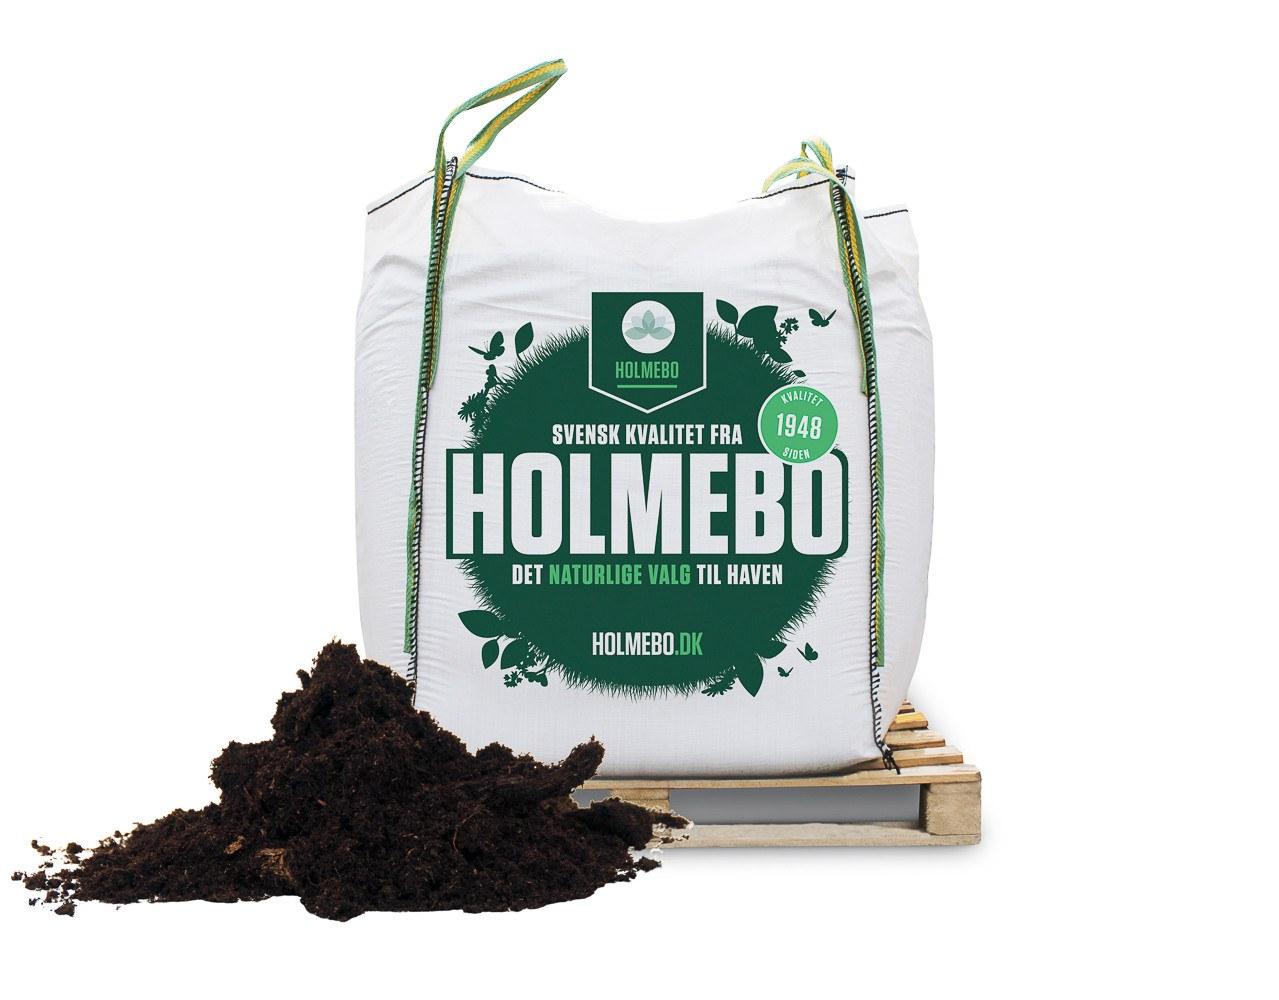 Holmebo gødet sphagnum - Bigbag á 1000 liter - 2. sortering